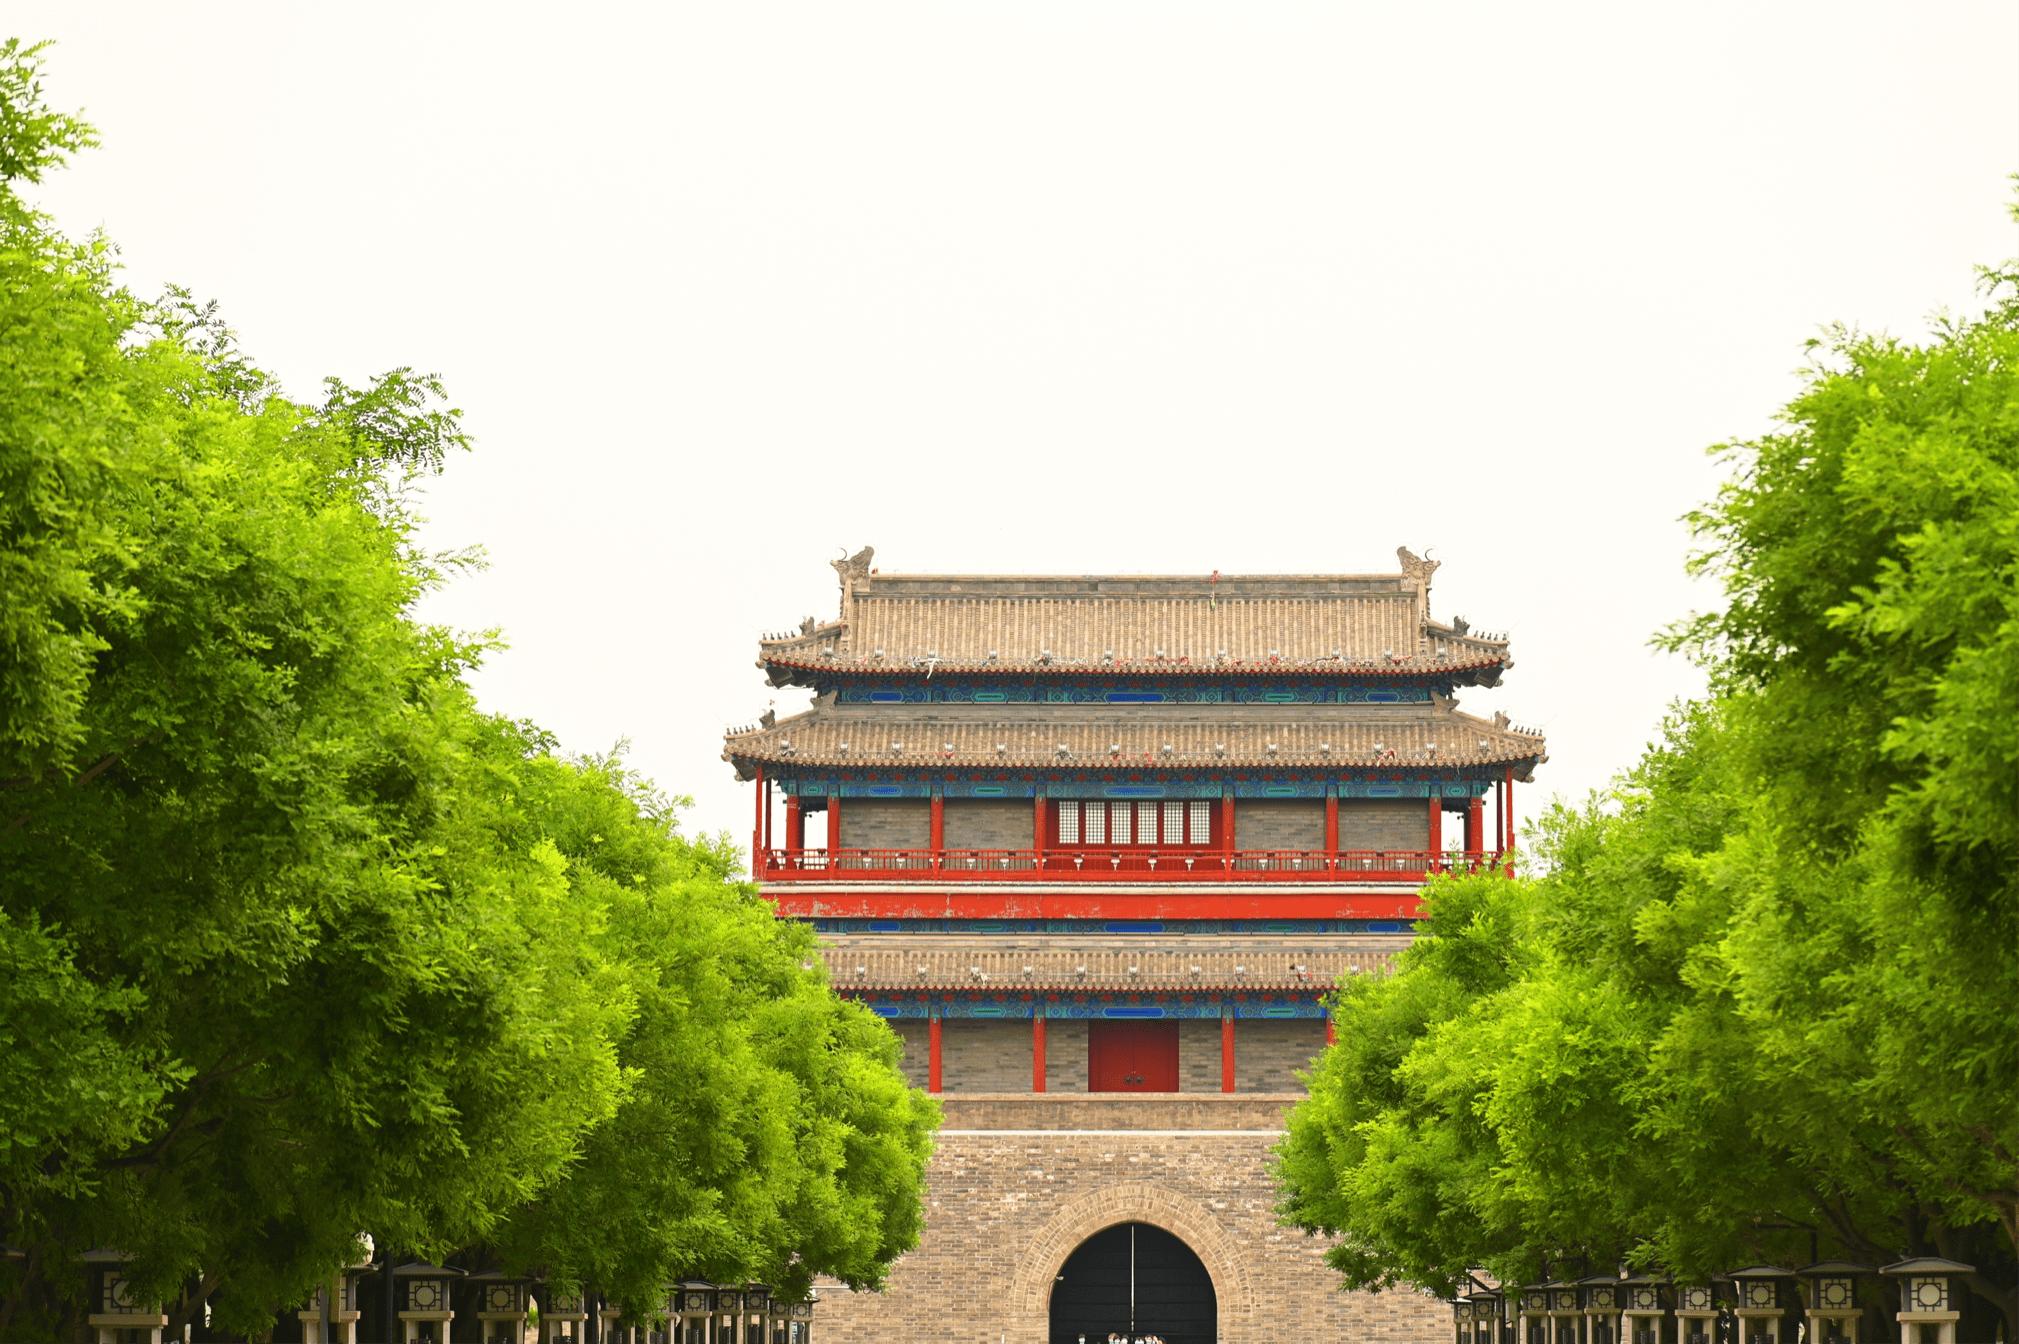 胡彦斌孟美岐助力北京中轴线申遗 师徒合璧再谱新章